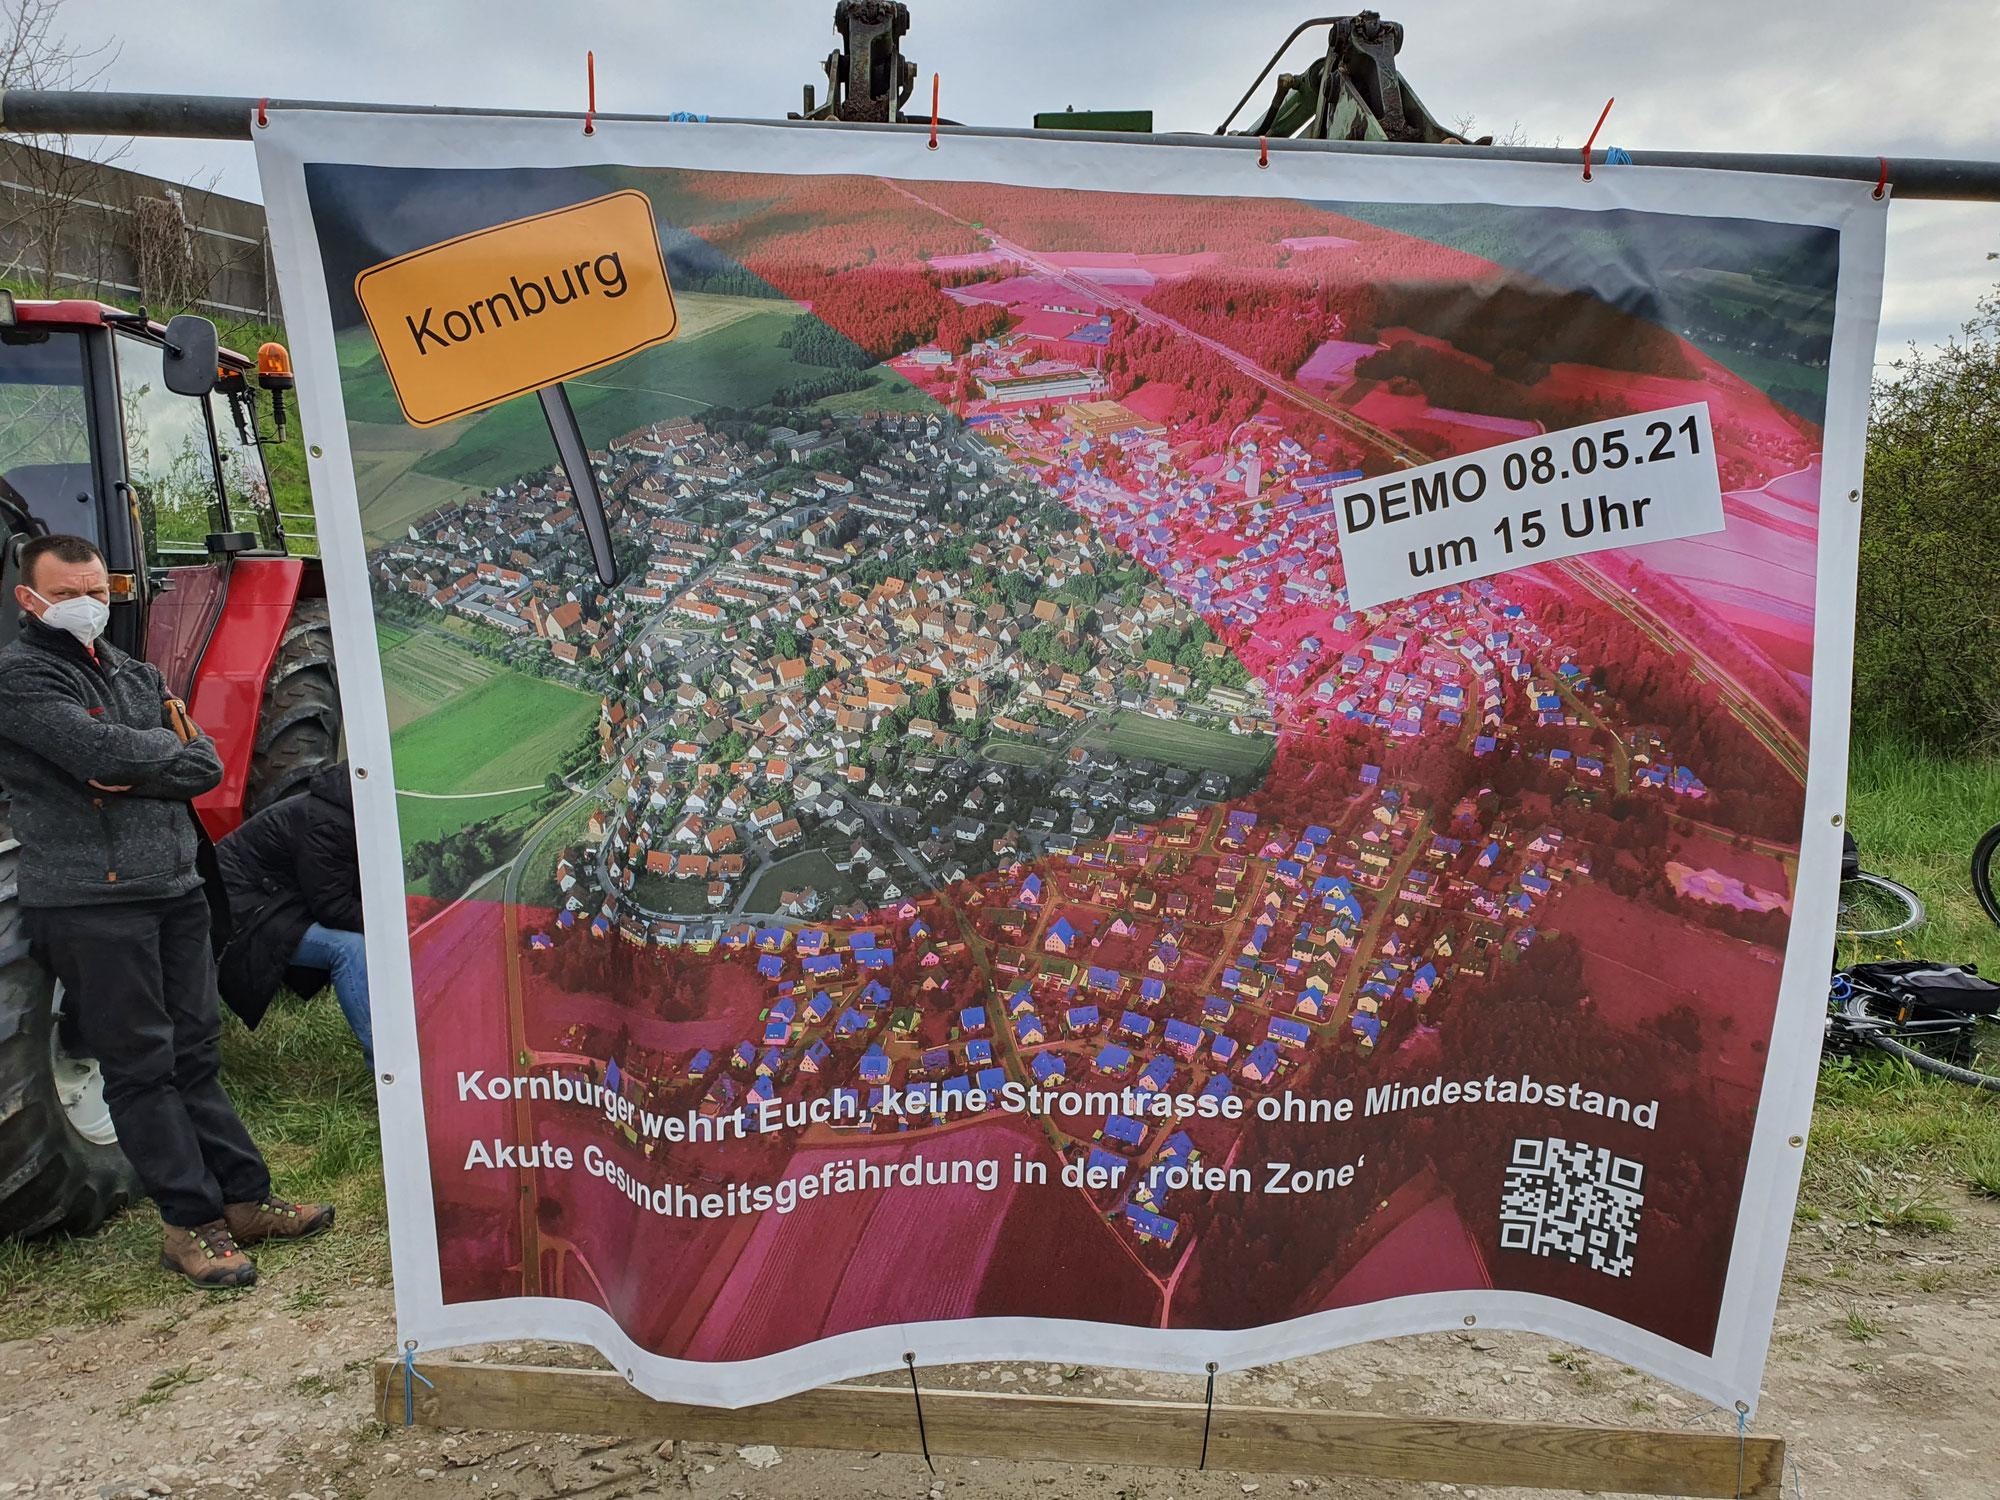 Bürgerverein Kornburg veranstaltet Demo zur Juraleitung